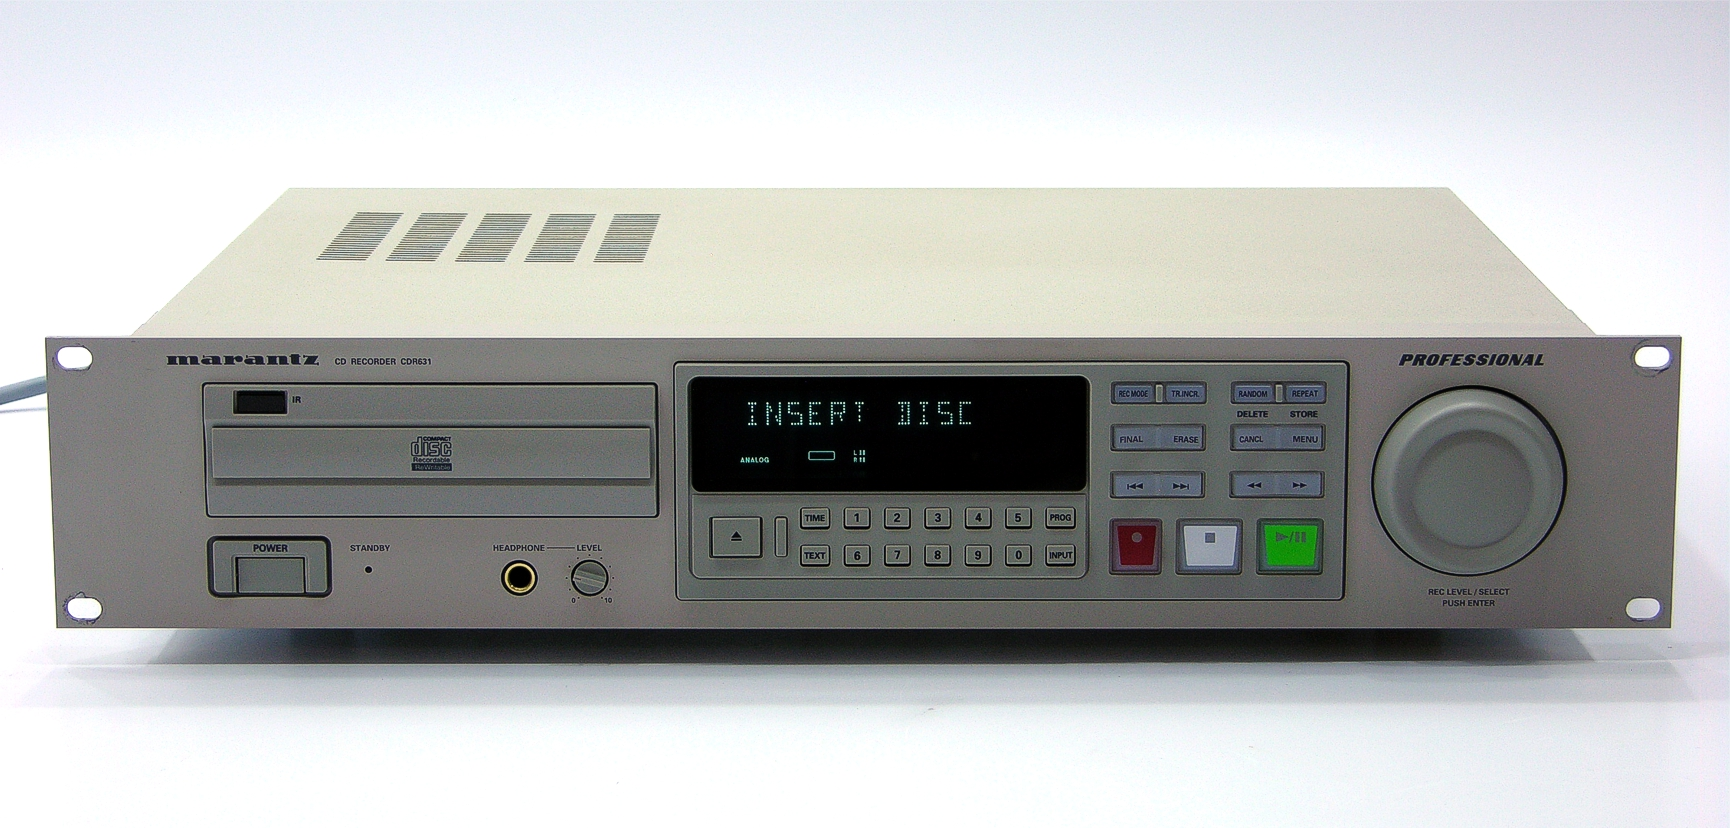 Marantz Cdr631 Cd Recorder